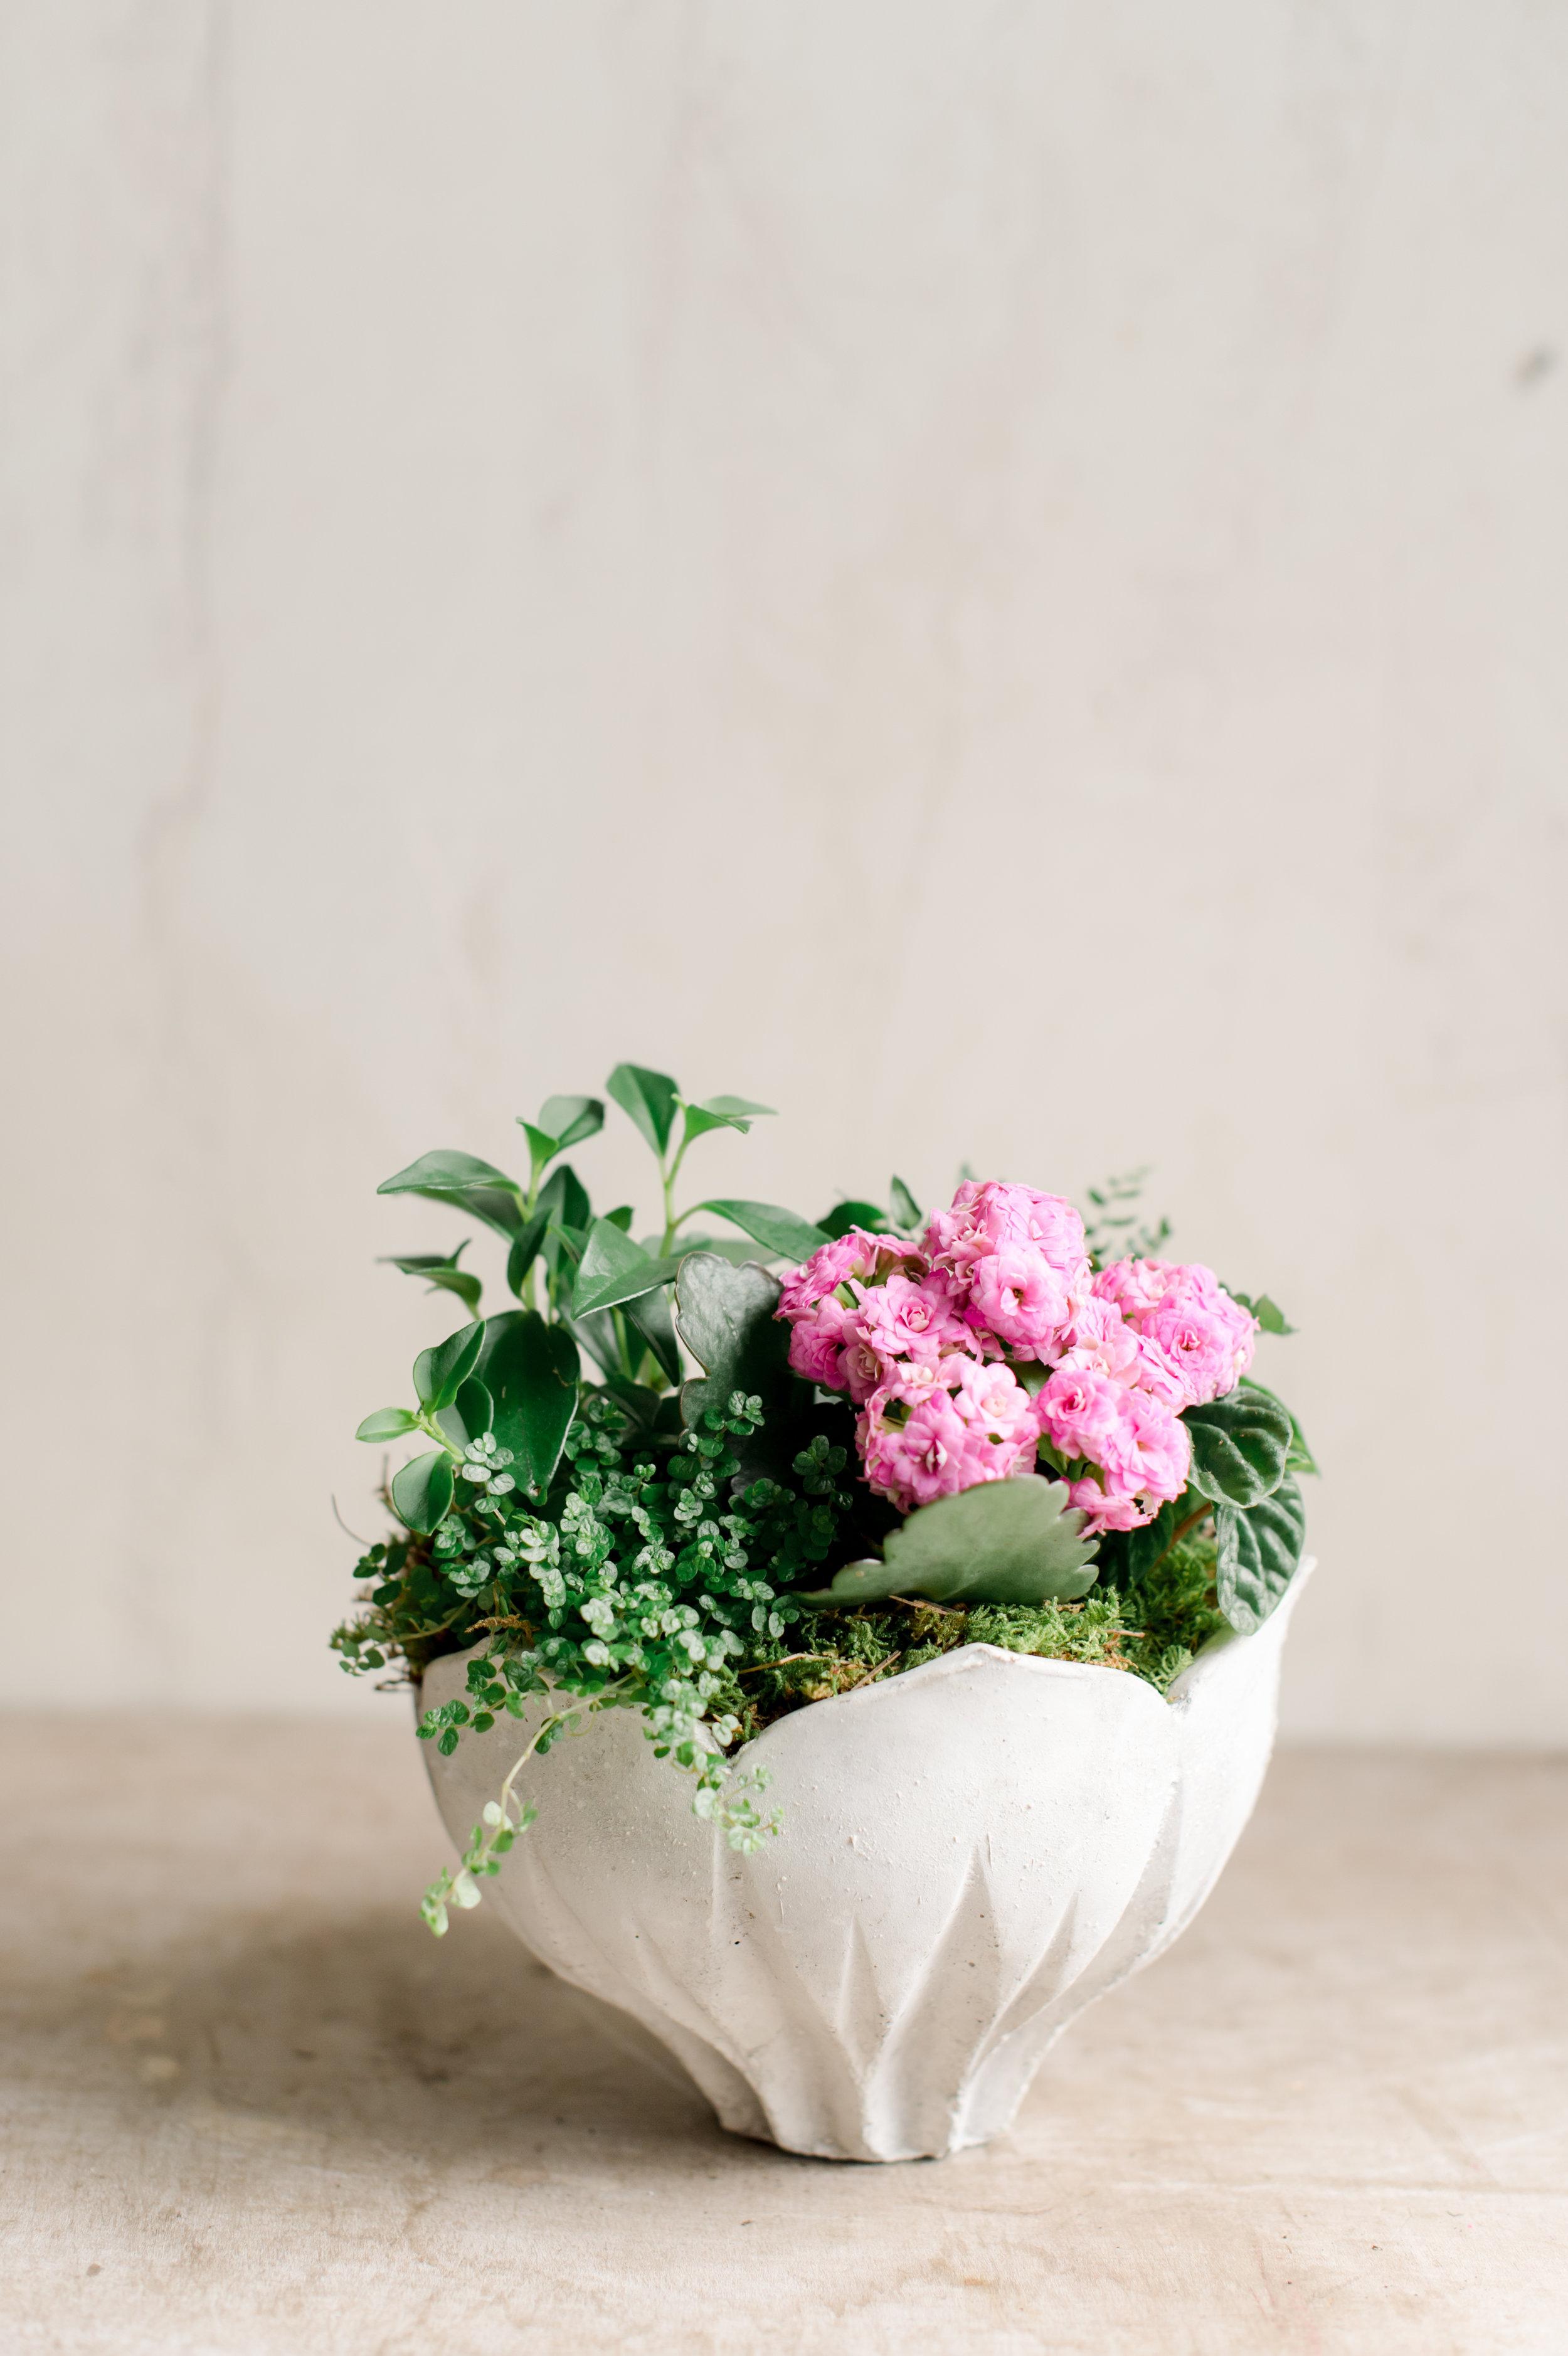 Plante à Fleurs Andover Florist